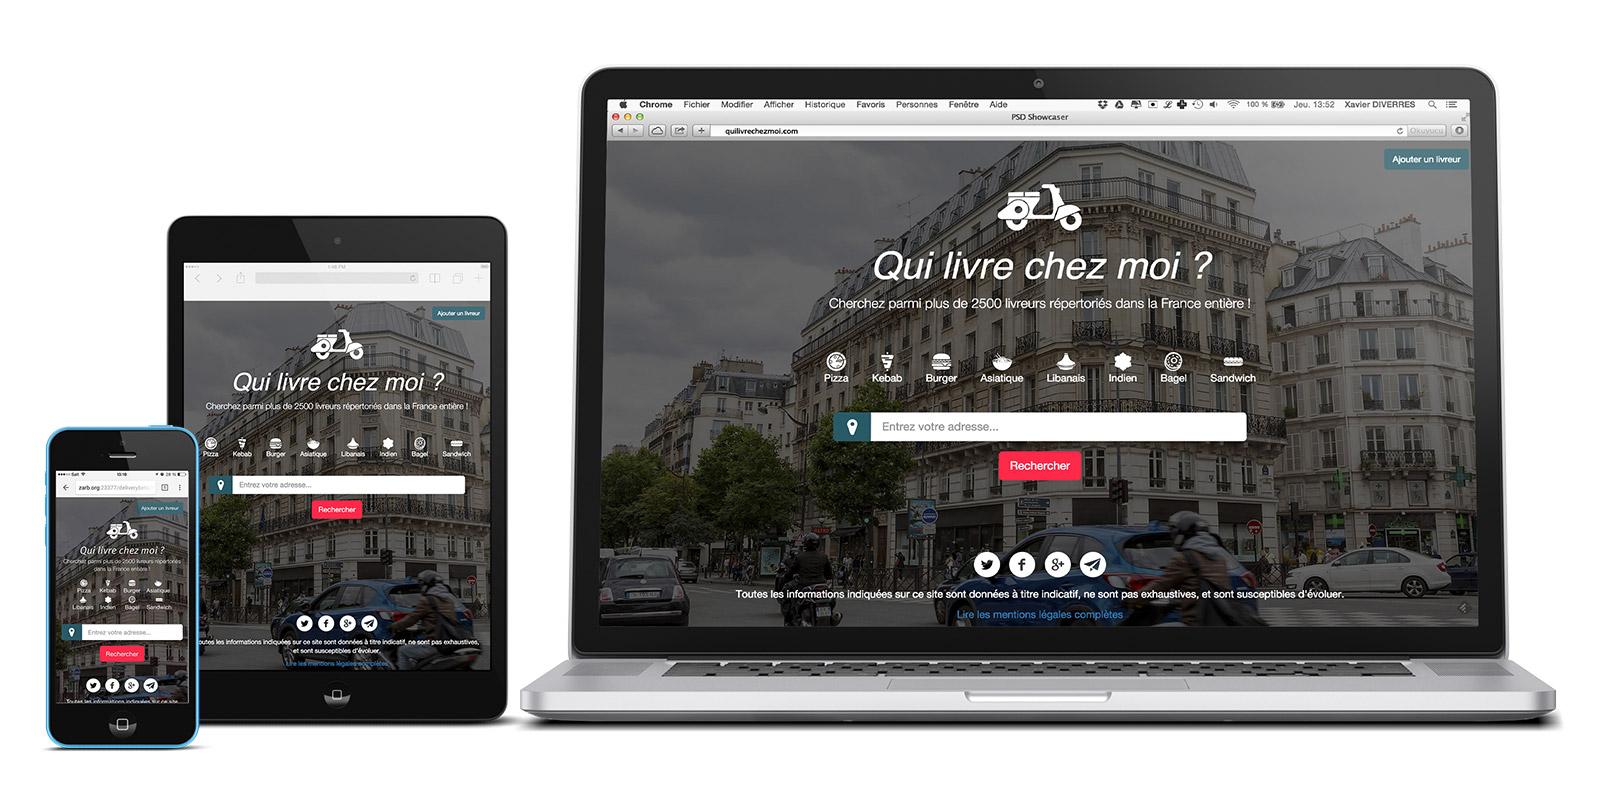 """Web service """"Qui livre chez moi?"""" on laptop, tablet, smartphone"""